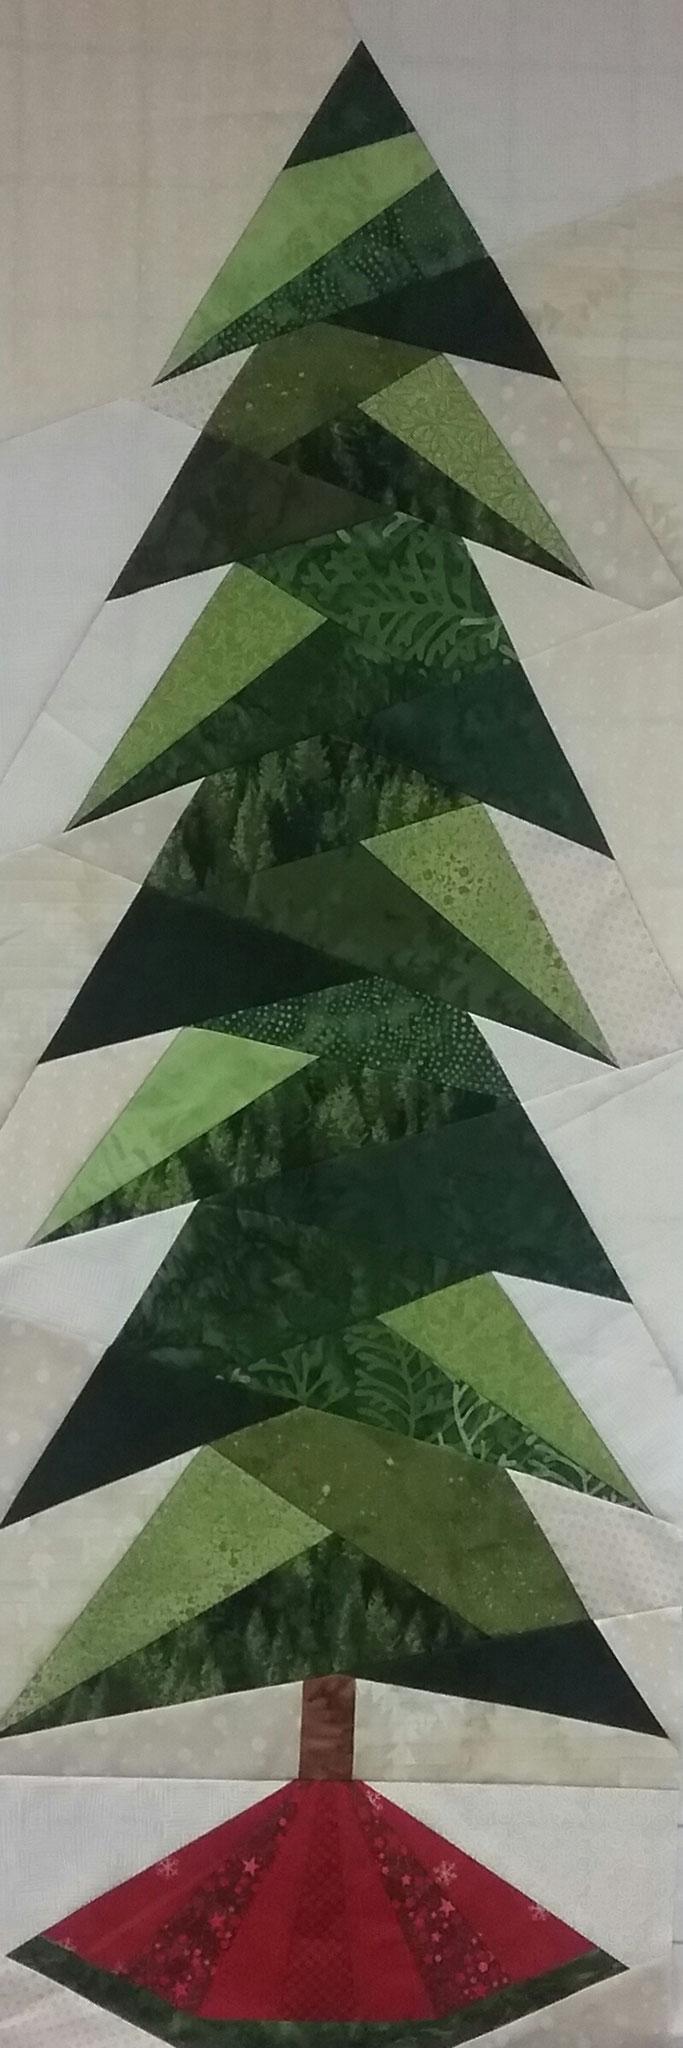 A little bit shorter tall tree  - Bernhild Schröder 2016, Anleitung von Cindi Edgerton